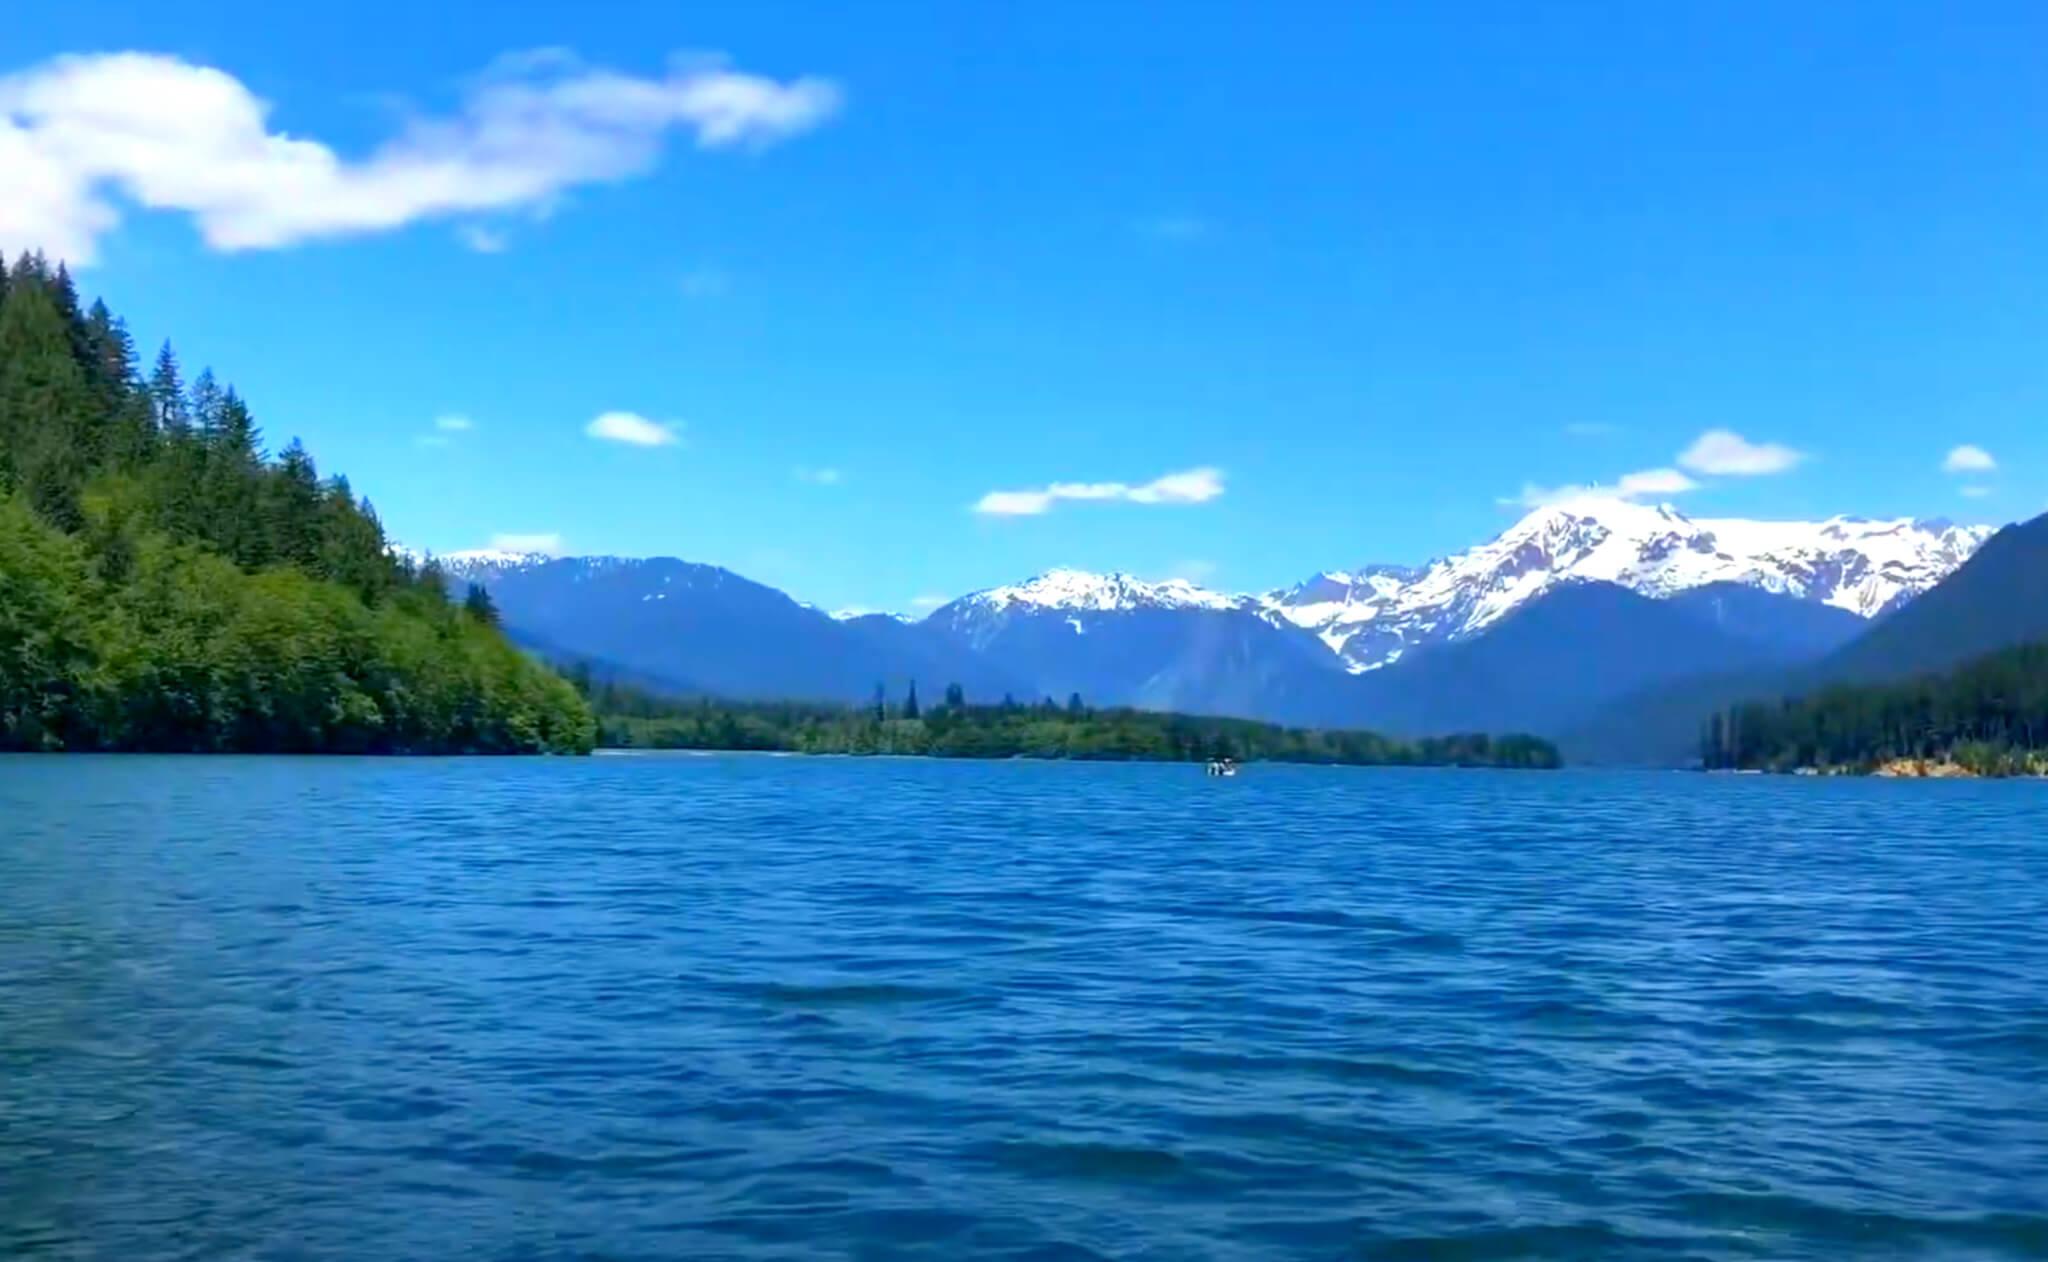 Baker-Lake-Fishing-Report-Guide-Washington-WA-06